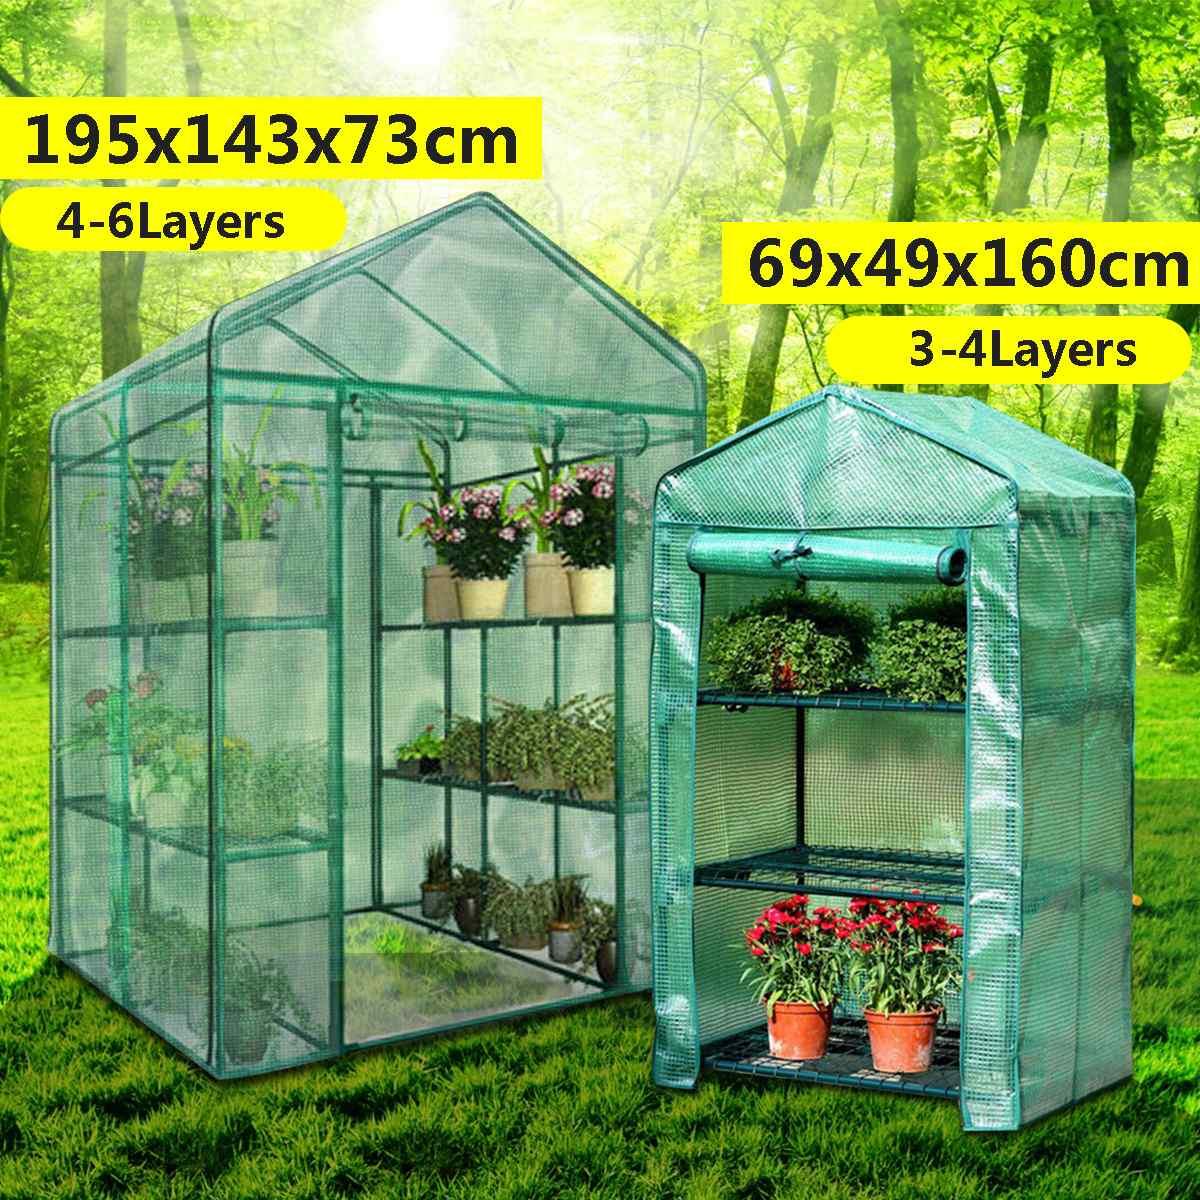 Serre Maison Fleur Plante Garder Au Chaud Étagère Toit Abri ... serapportantà Maison De Jardin En Plastique